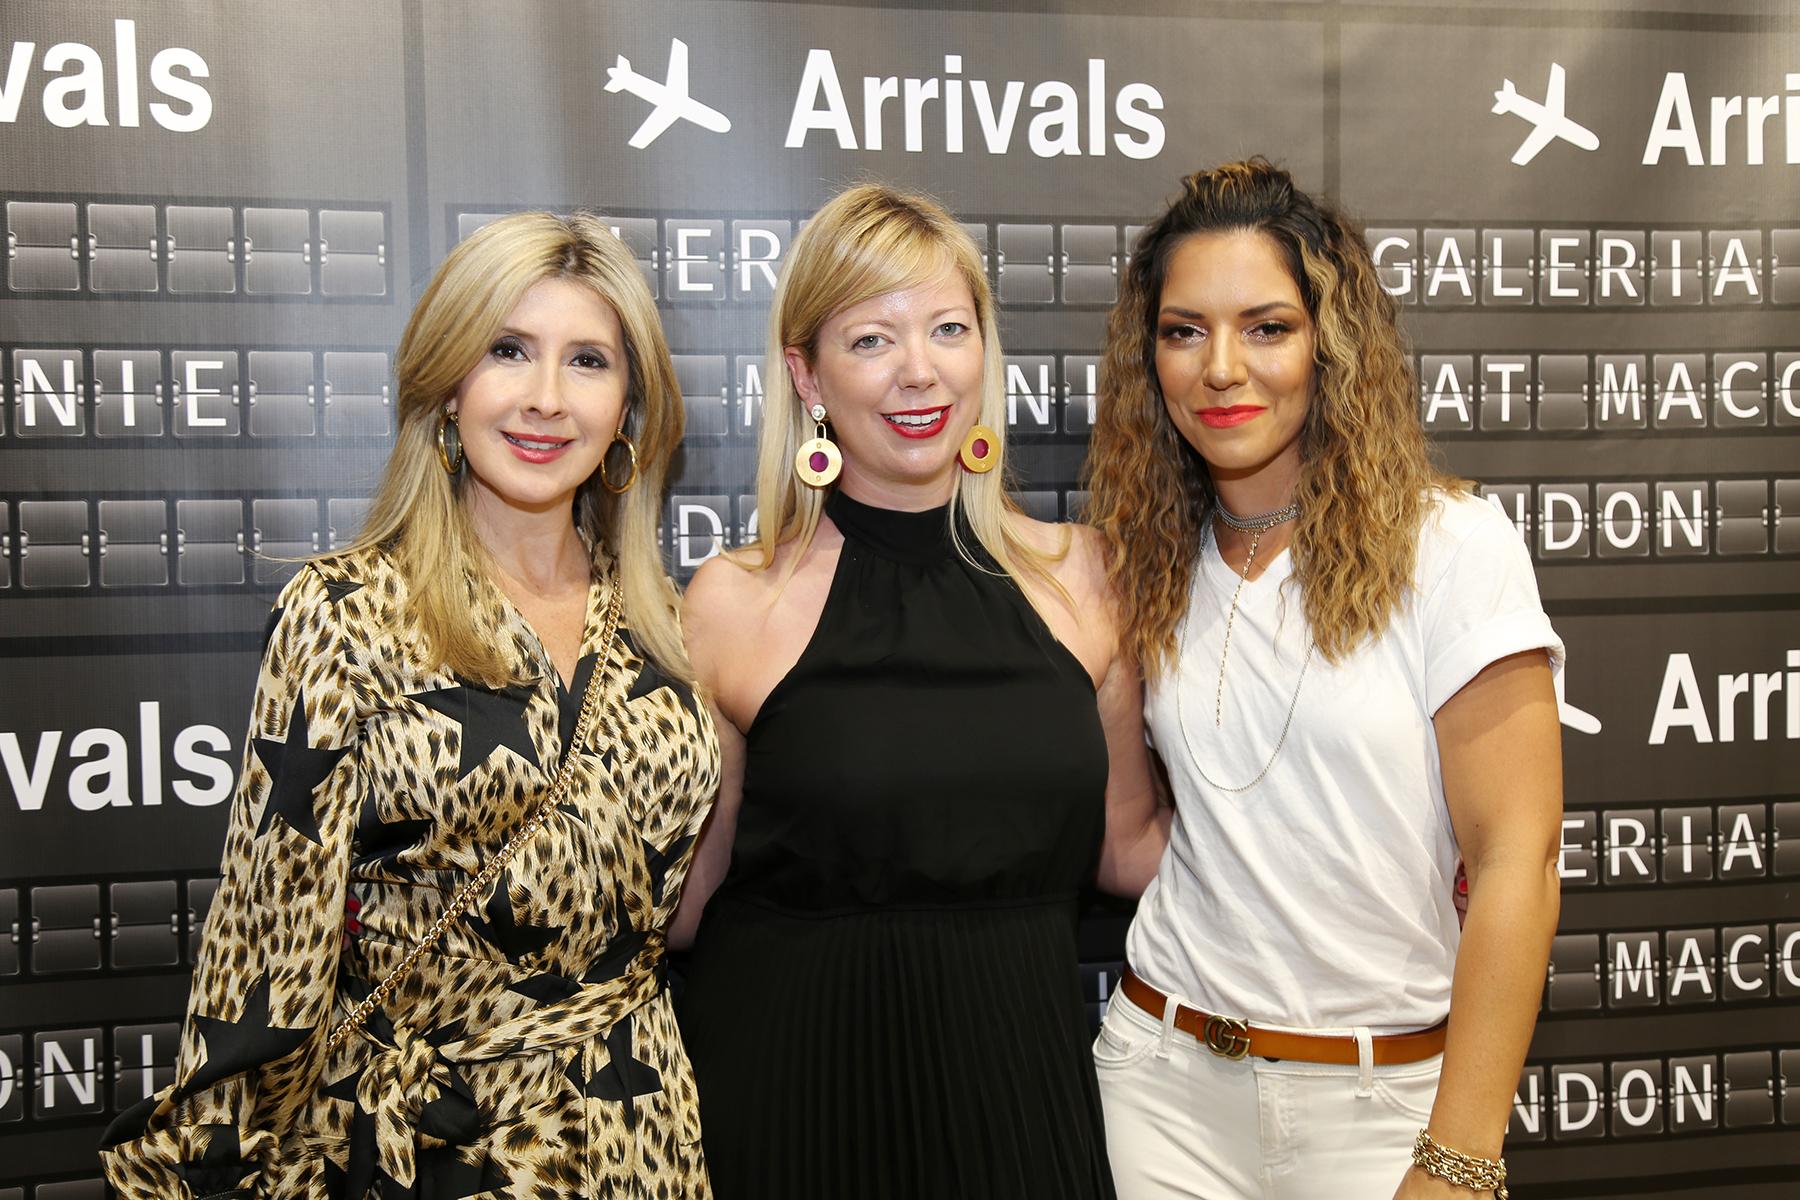 Waleska Rodríguez, Kat Maconi y Angela Santos. (Nichole Saldarriaga)